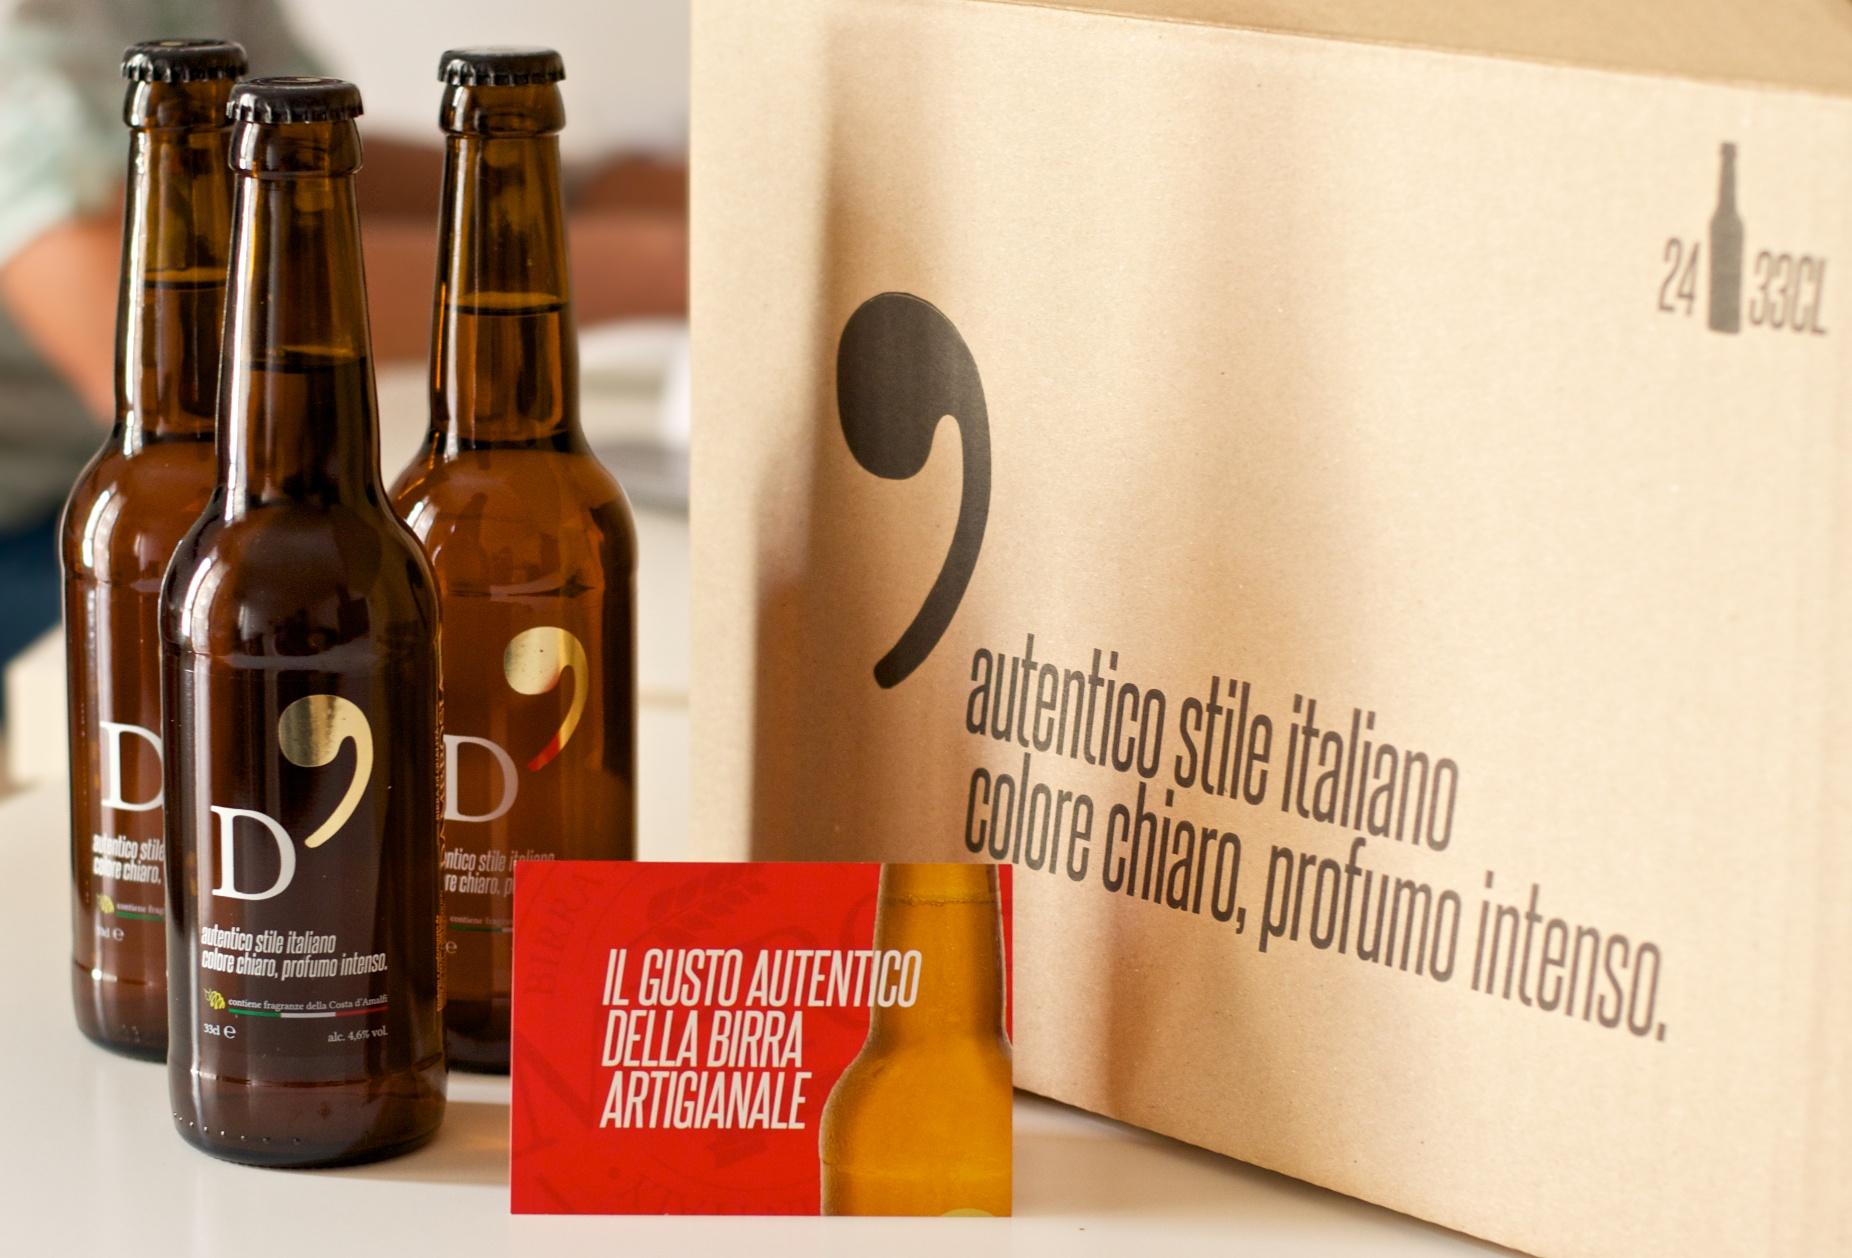 Packaging del prodotto Birra Artigianale D'Ambrosia